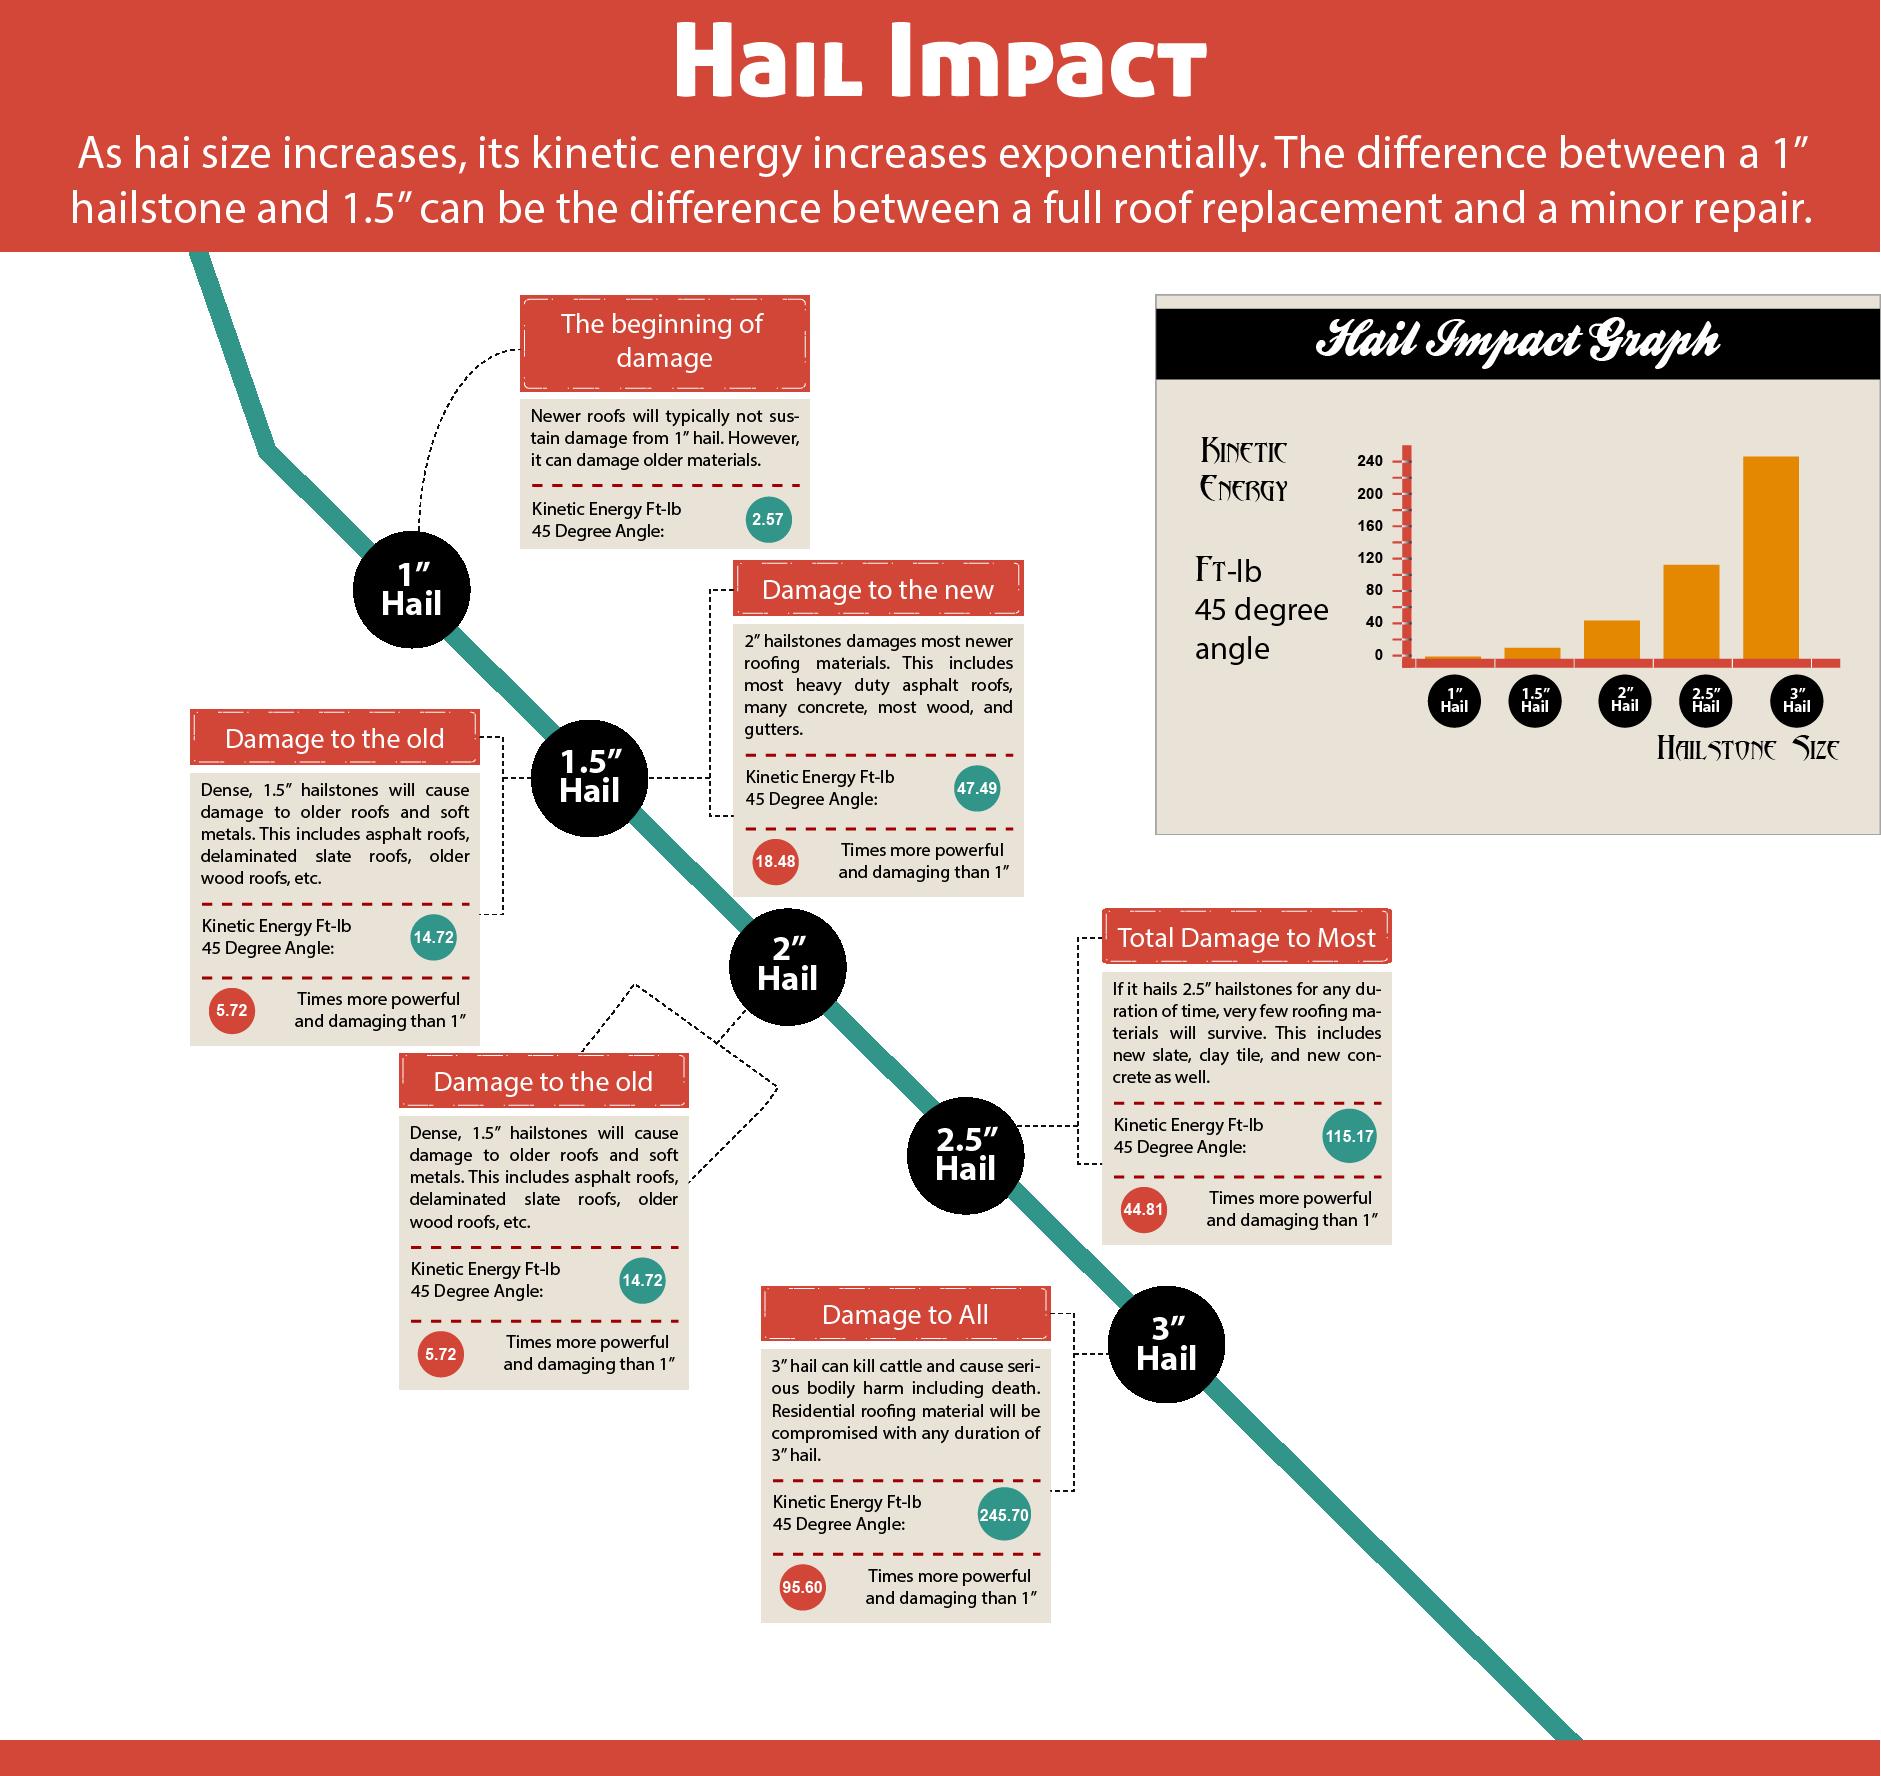 hailImpact